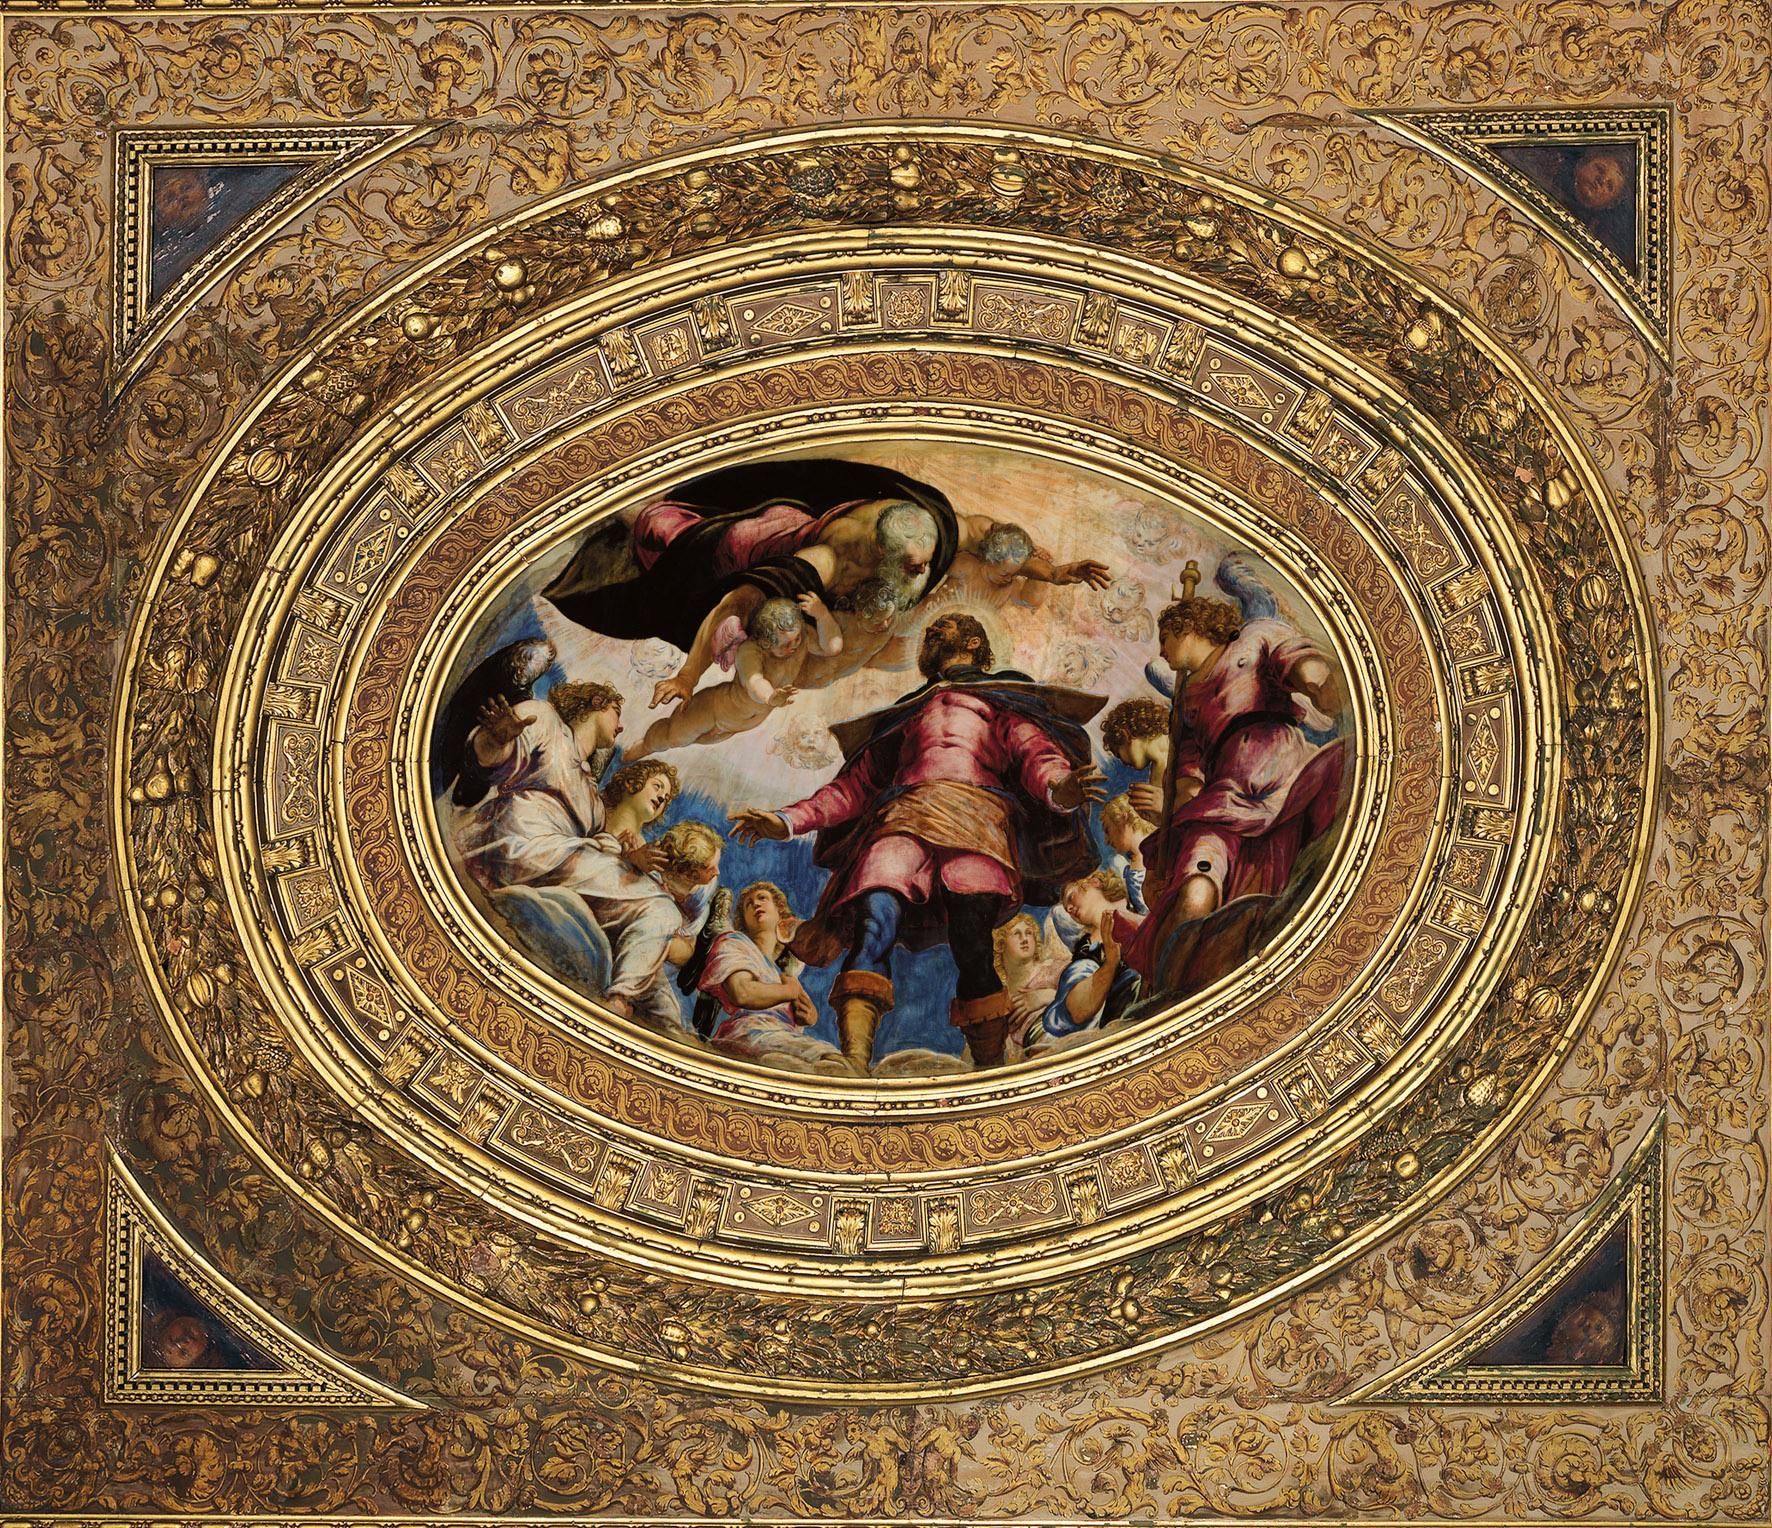 Scuola di San Rocco Tintoretto Scuola Grande di San Rocco